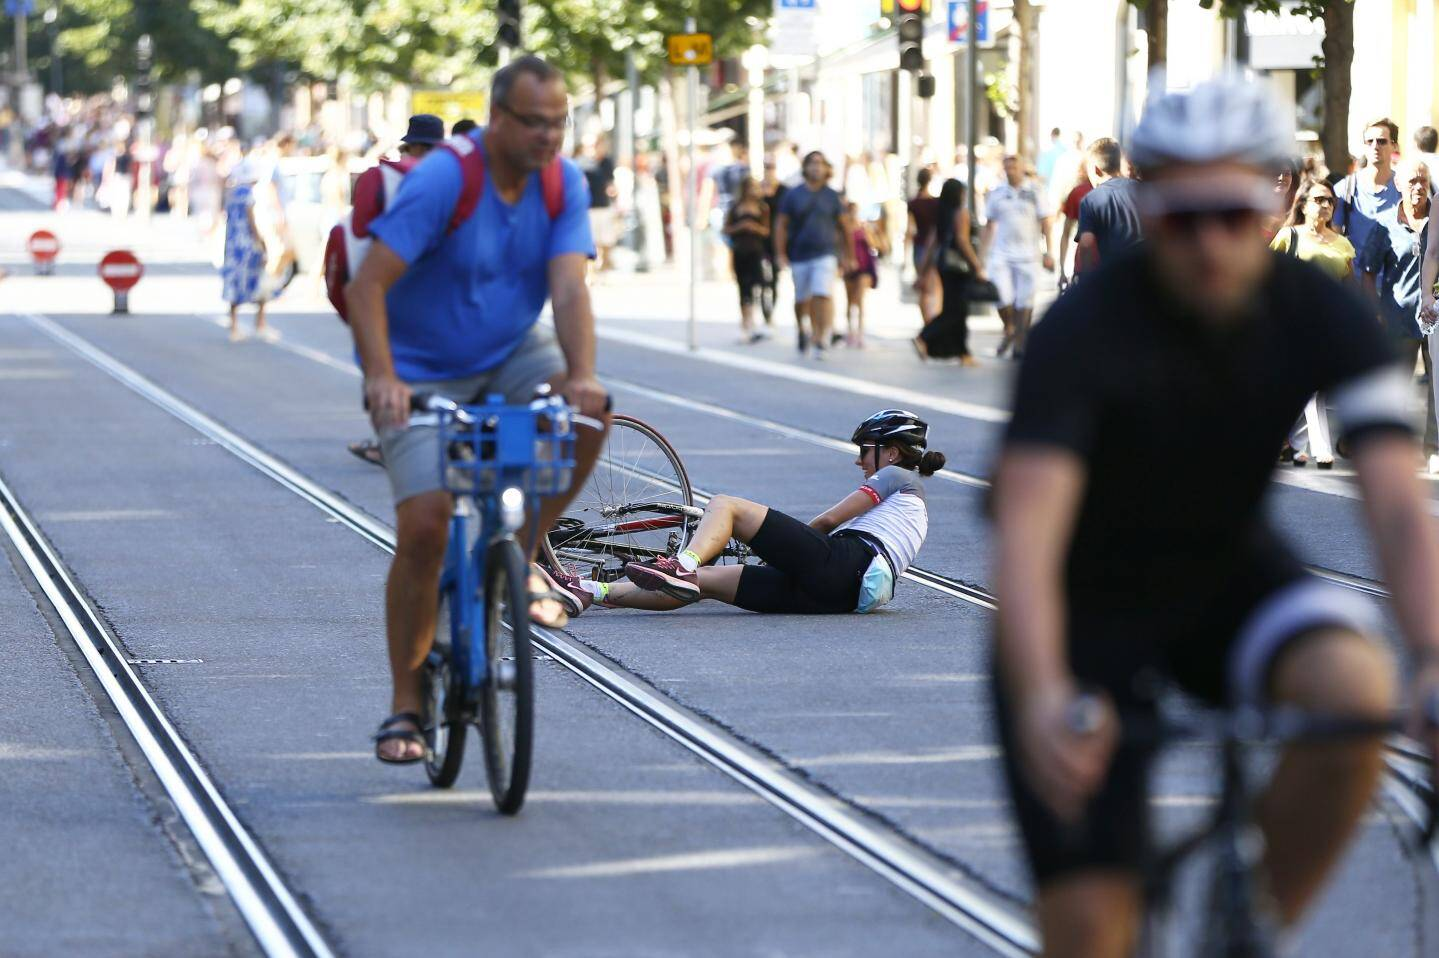 Encore récemment, une cycliste a chuté sur les voies du tramway, avenue Jean-Médecin. La roue de son vélo s'est bloquée dans les rails. Un accident qui n'est pas une exception...